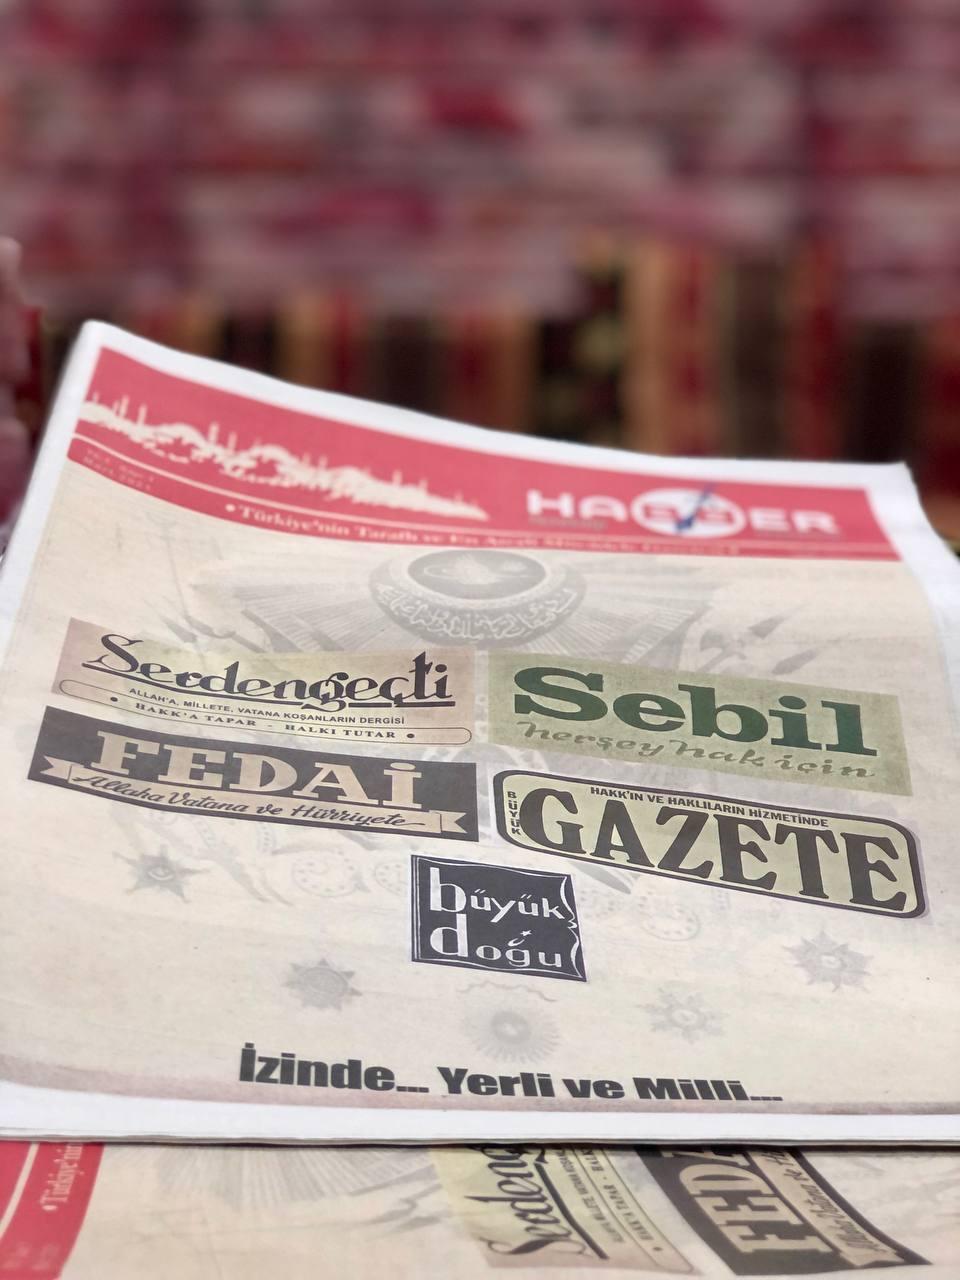 habber-gazetesi.jpg